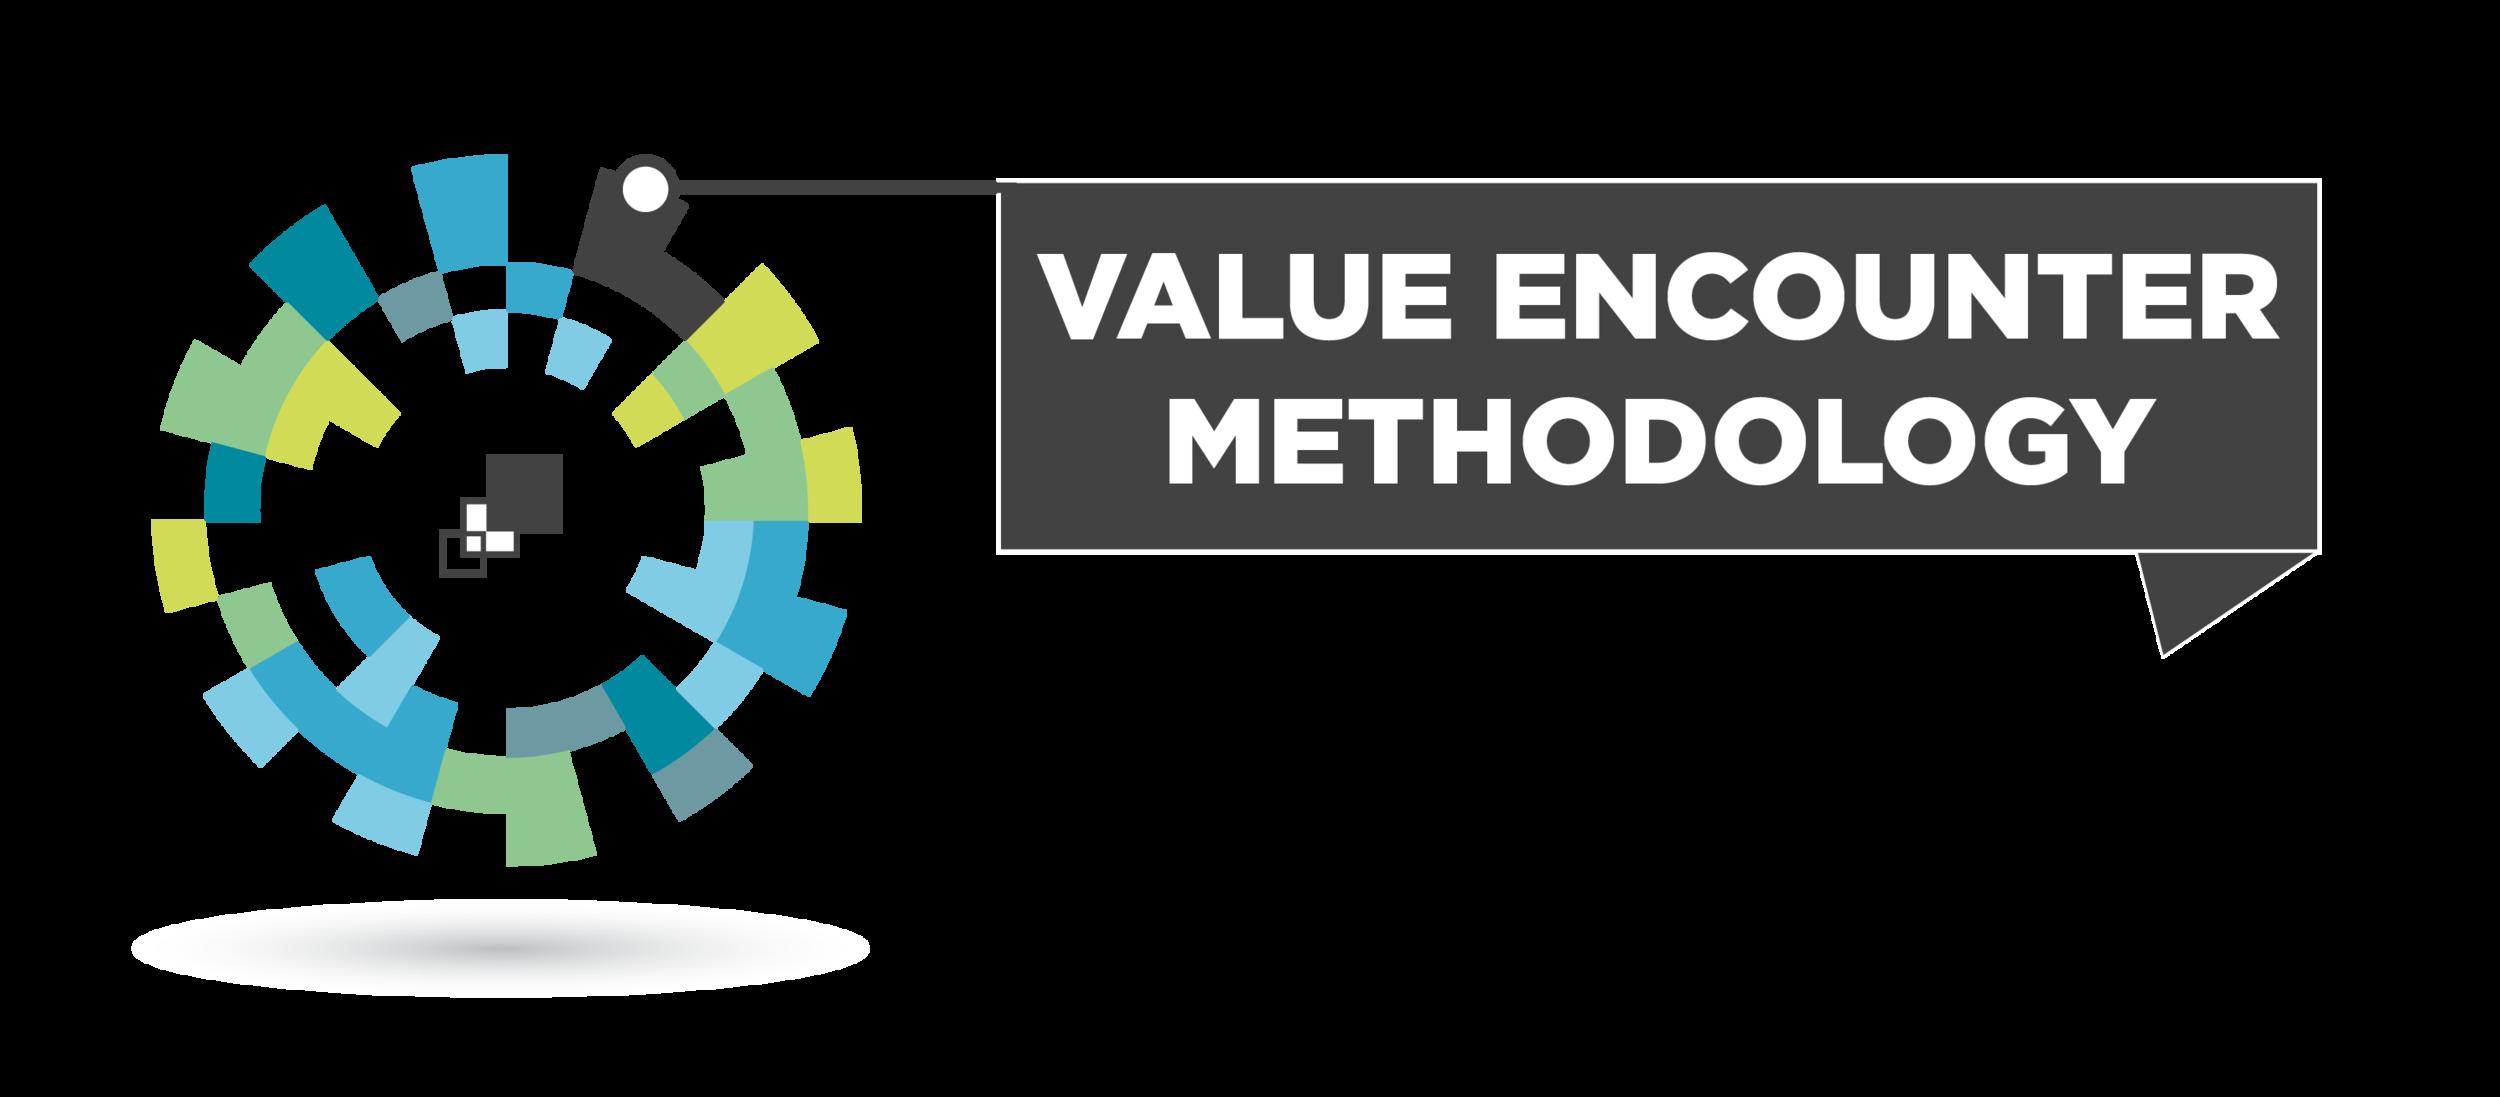 value-encounter-methodology-nem-australasia